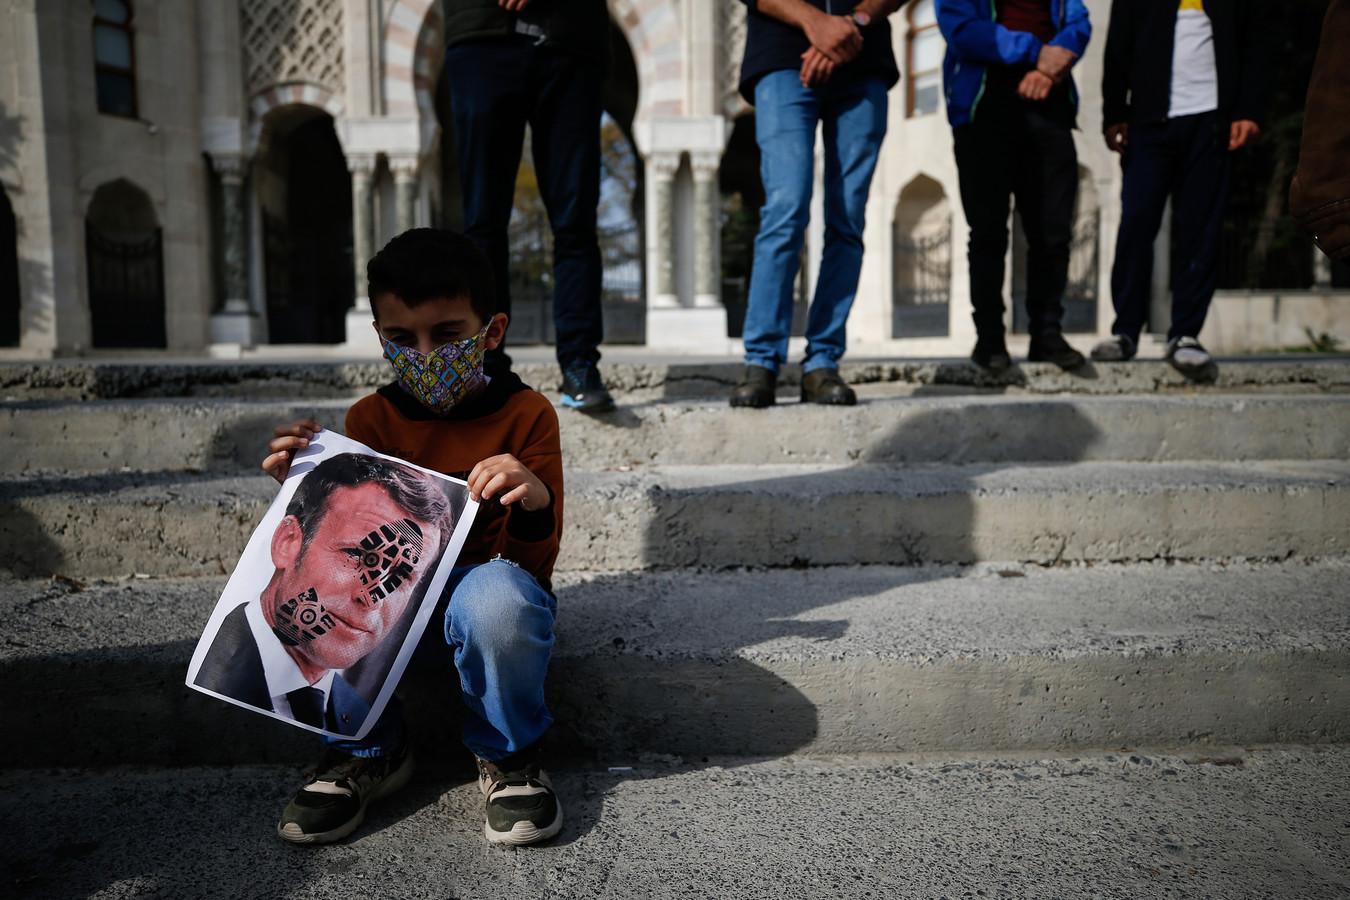 """Onder meer in Bangladesh trokken personen vandaag de straat op om te betogen tegen Frankrijk. De demonstranten hadden plakkaten bij met daarop een karikatuur van Emmanuel Macron en de woorden: ,,Macron is de vijand van vrede""""."""